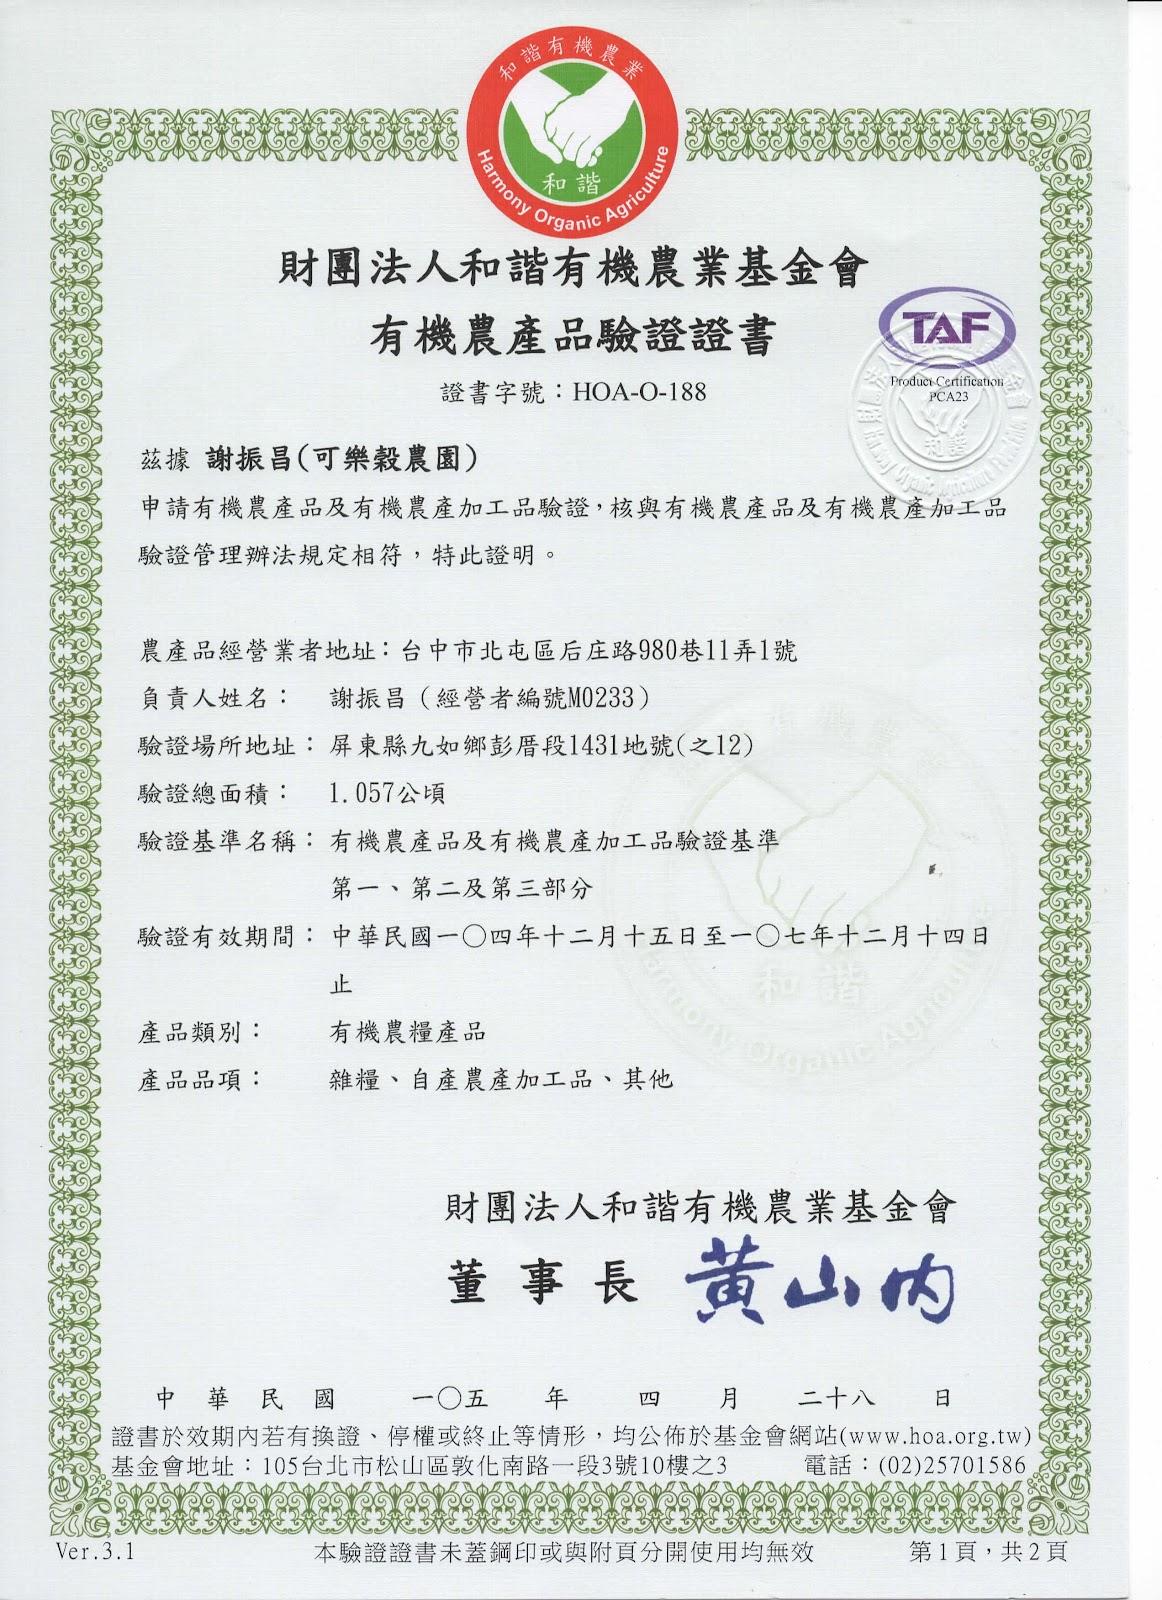 105年和協有機驗證-1.jpg